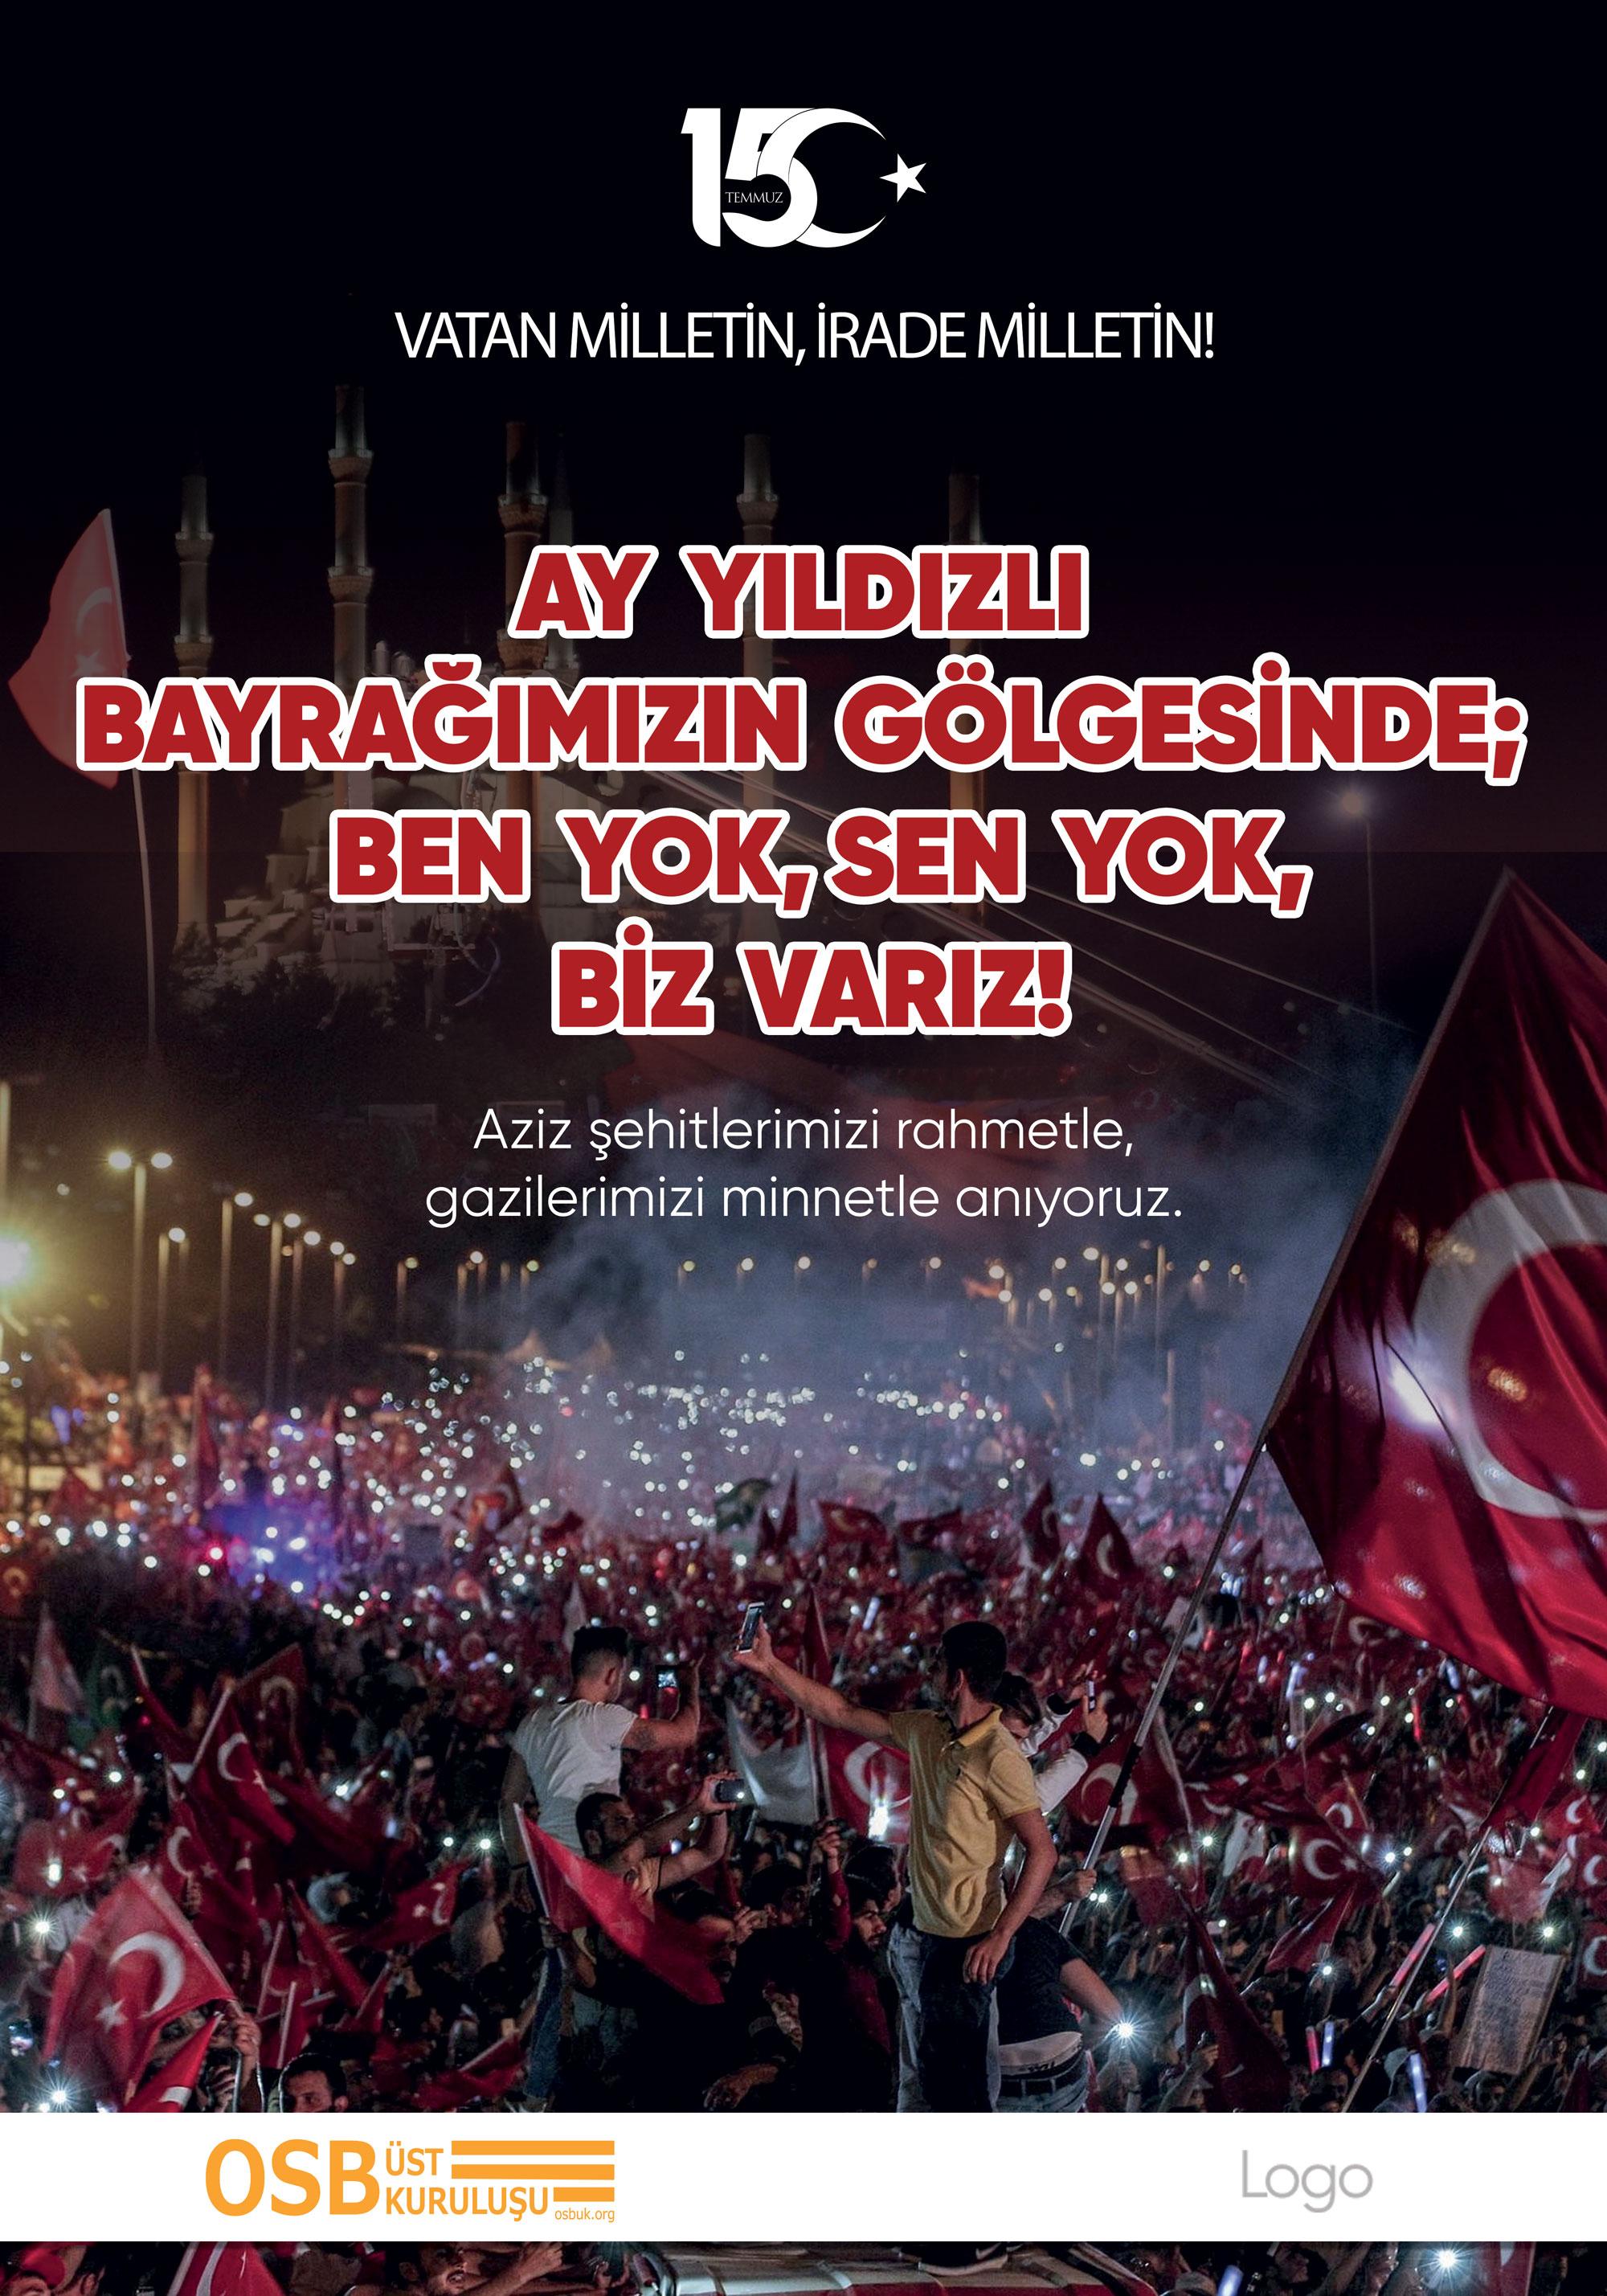 15 TEMMUZ MİLLİ BİRLİK VE DEMOKRASİ GÜNÜ KUTLU OLSUN..